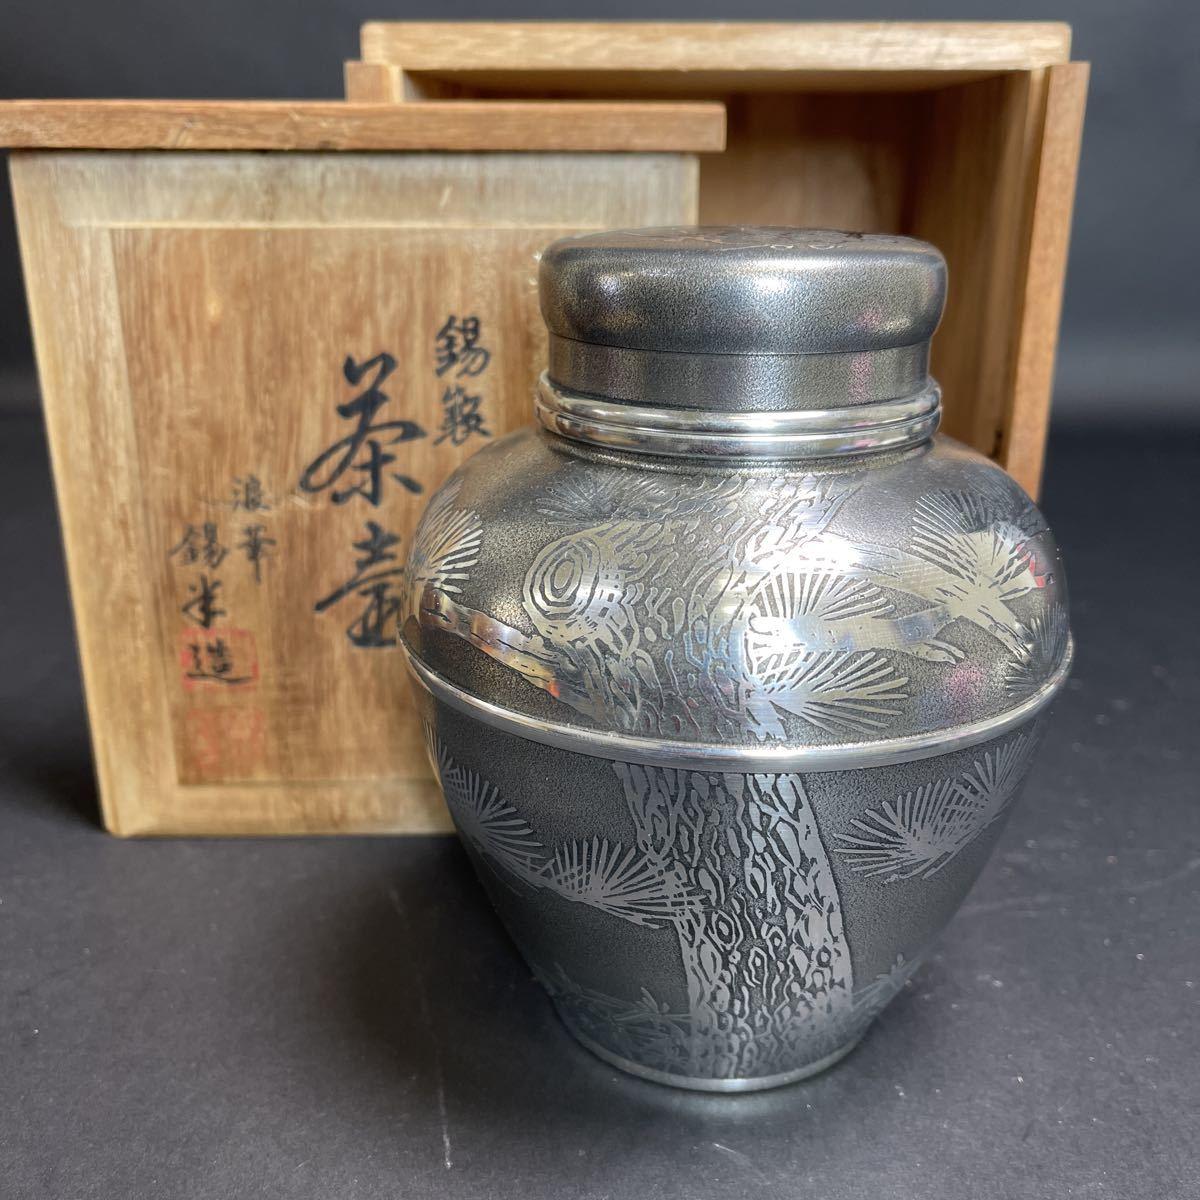 煎茶道具 茶壺 錫半製 上錫 共箱 未使用 639.5グラム! 中国